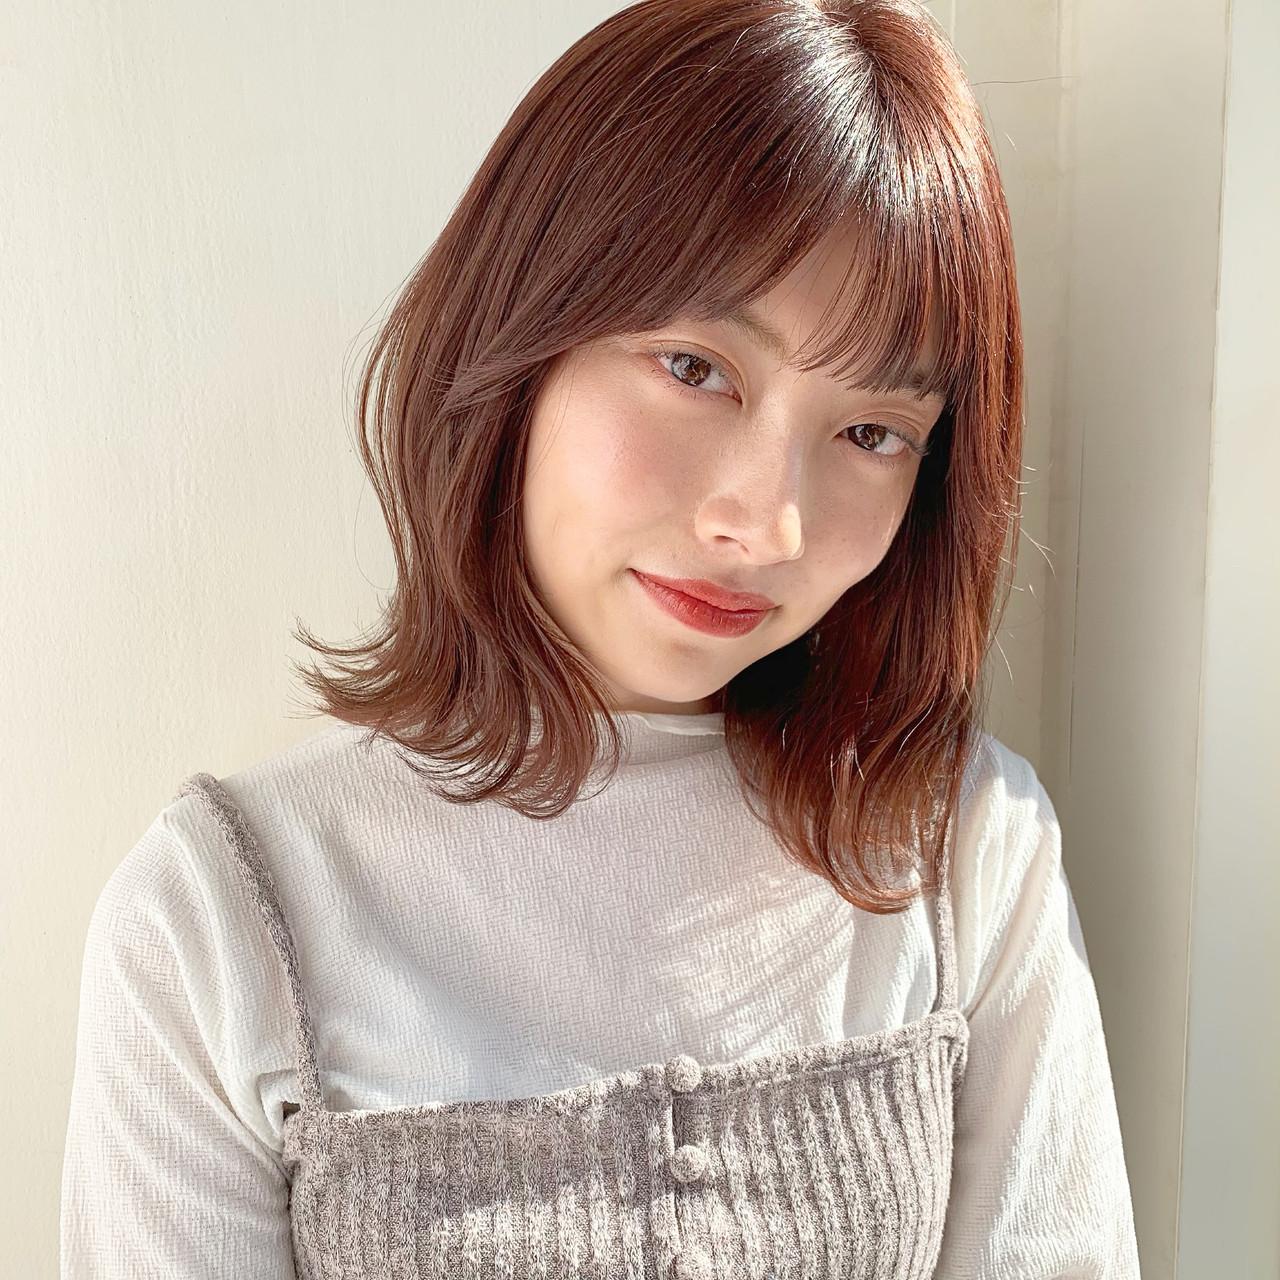 ベリーピンク ボブ インナーカラー ゆるふわ ヘアスタイルや髪型の写真・画像 | 伊藤愛子 GARDEN / GARDEN  omotesando